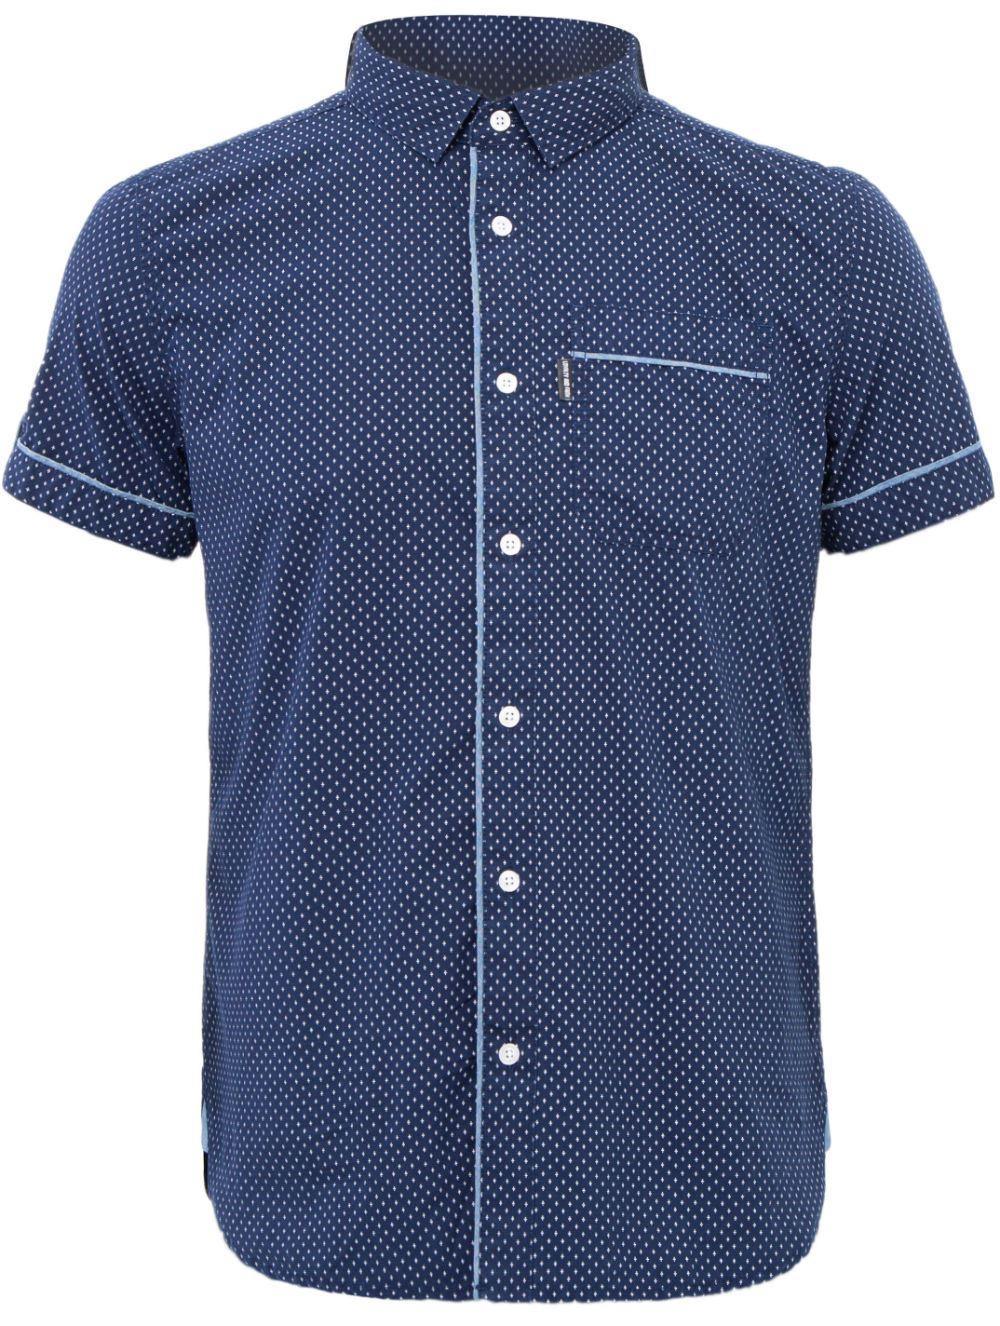 Loyalty & Faith Mazza Shirt - Blue|2XL